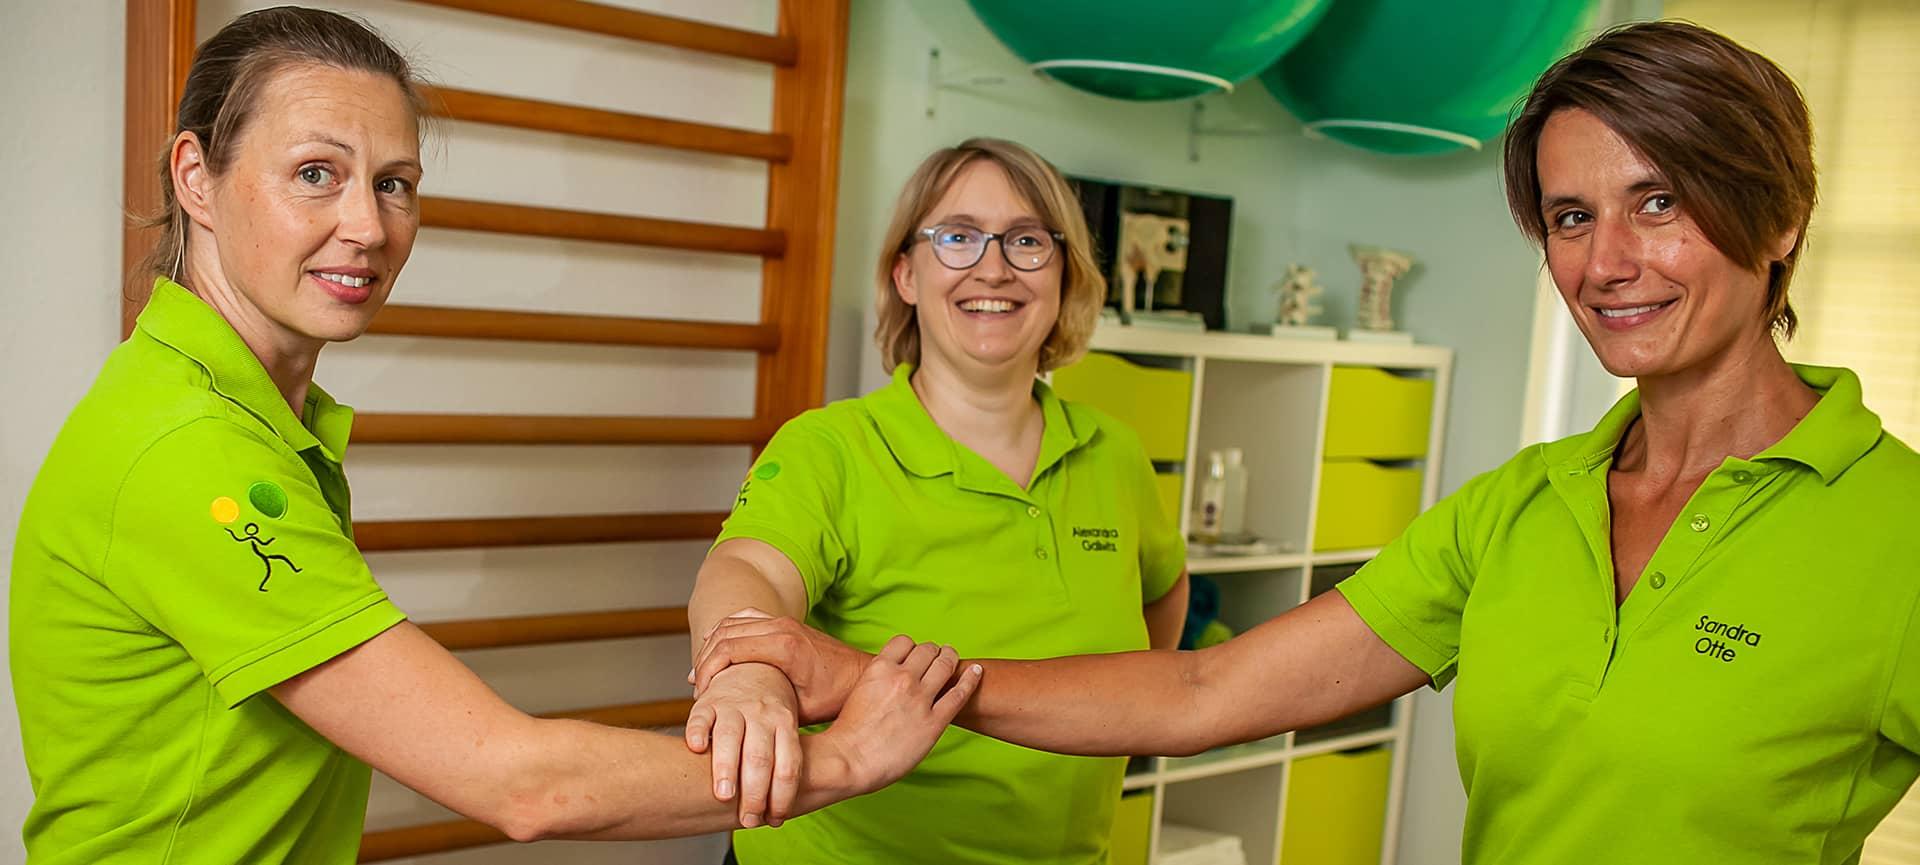 Physiotherapie Gallwitz in Stuhr / Team